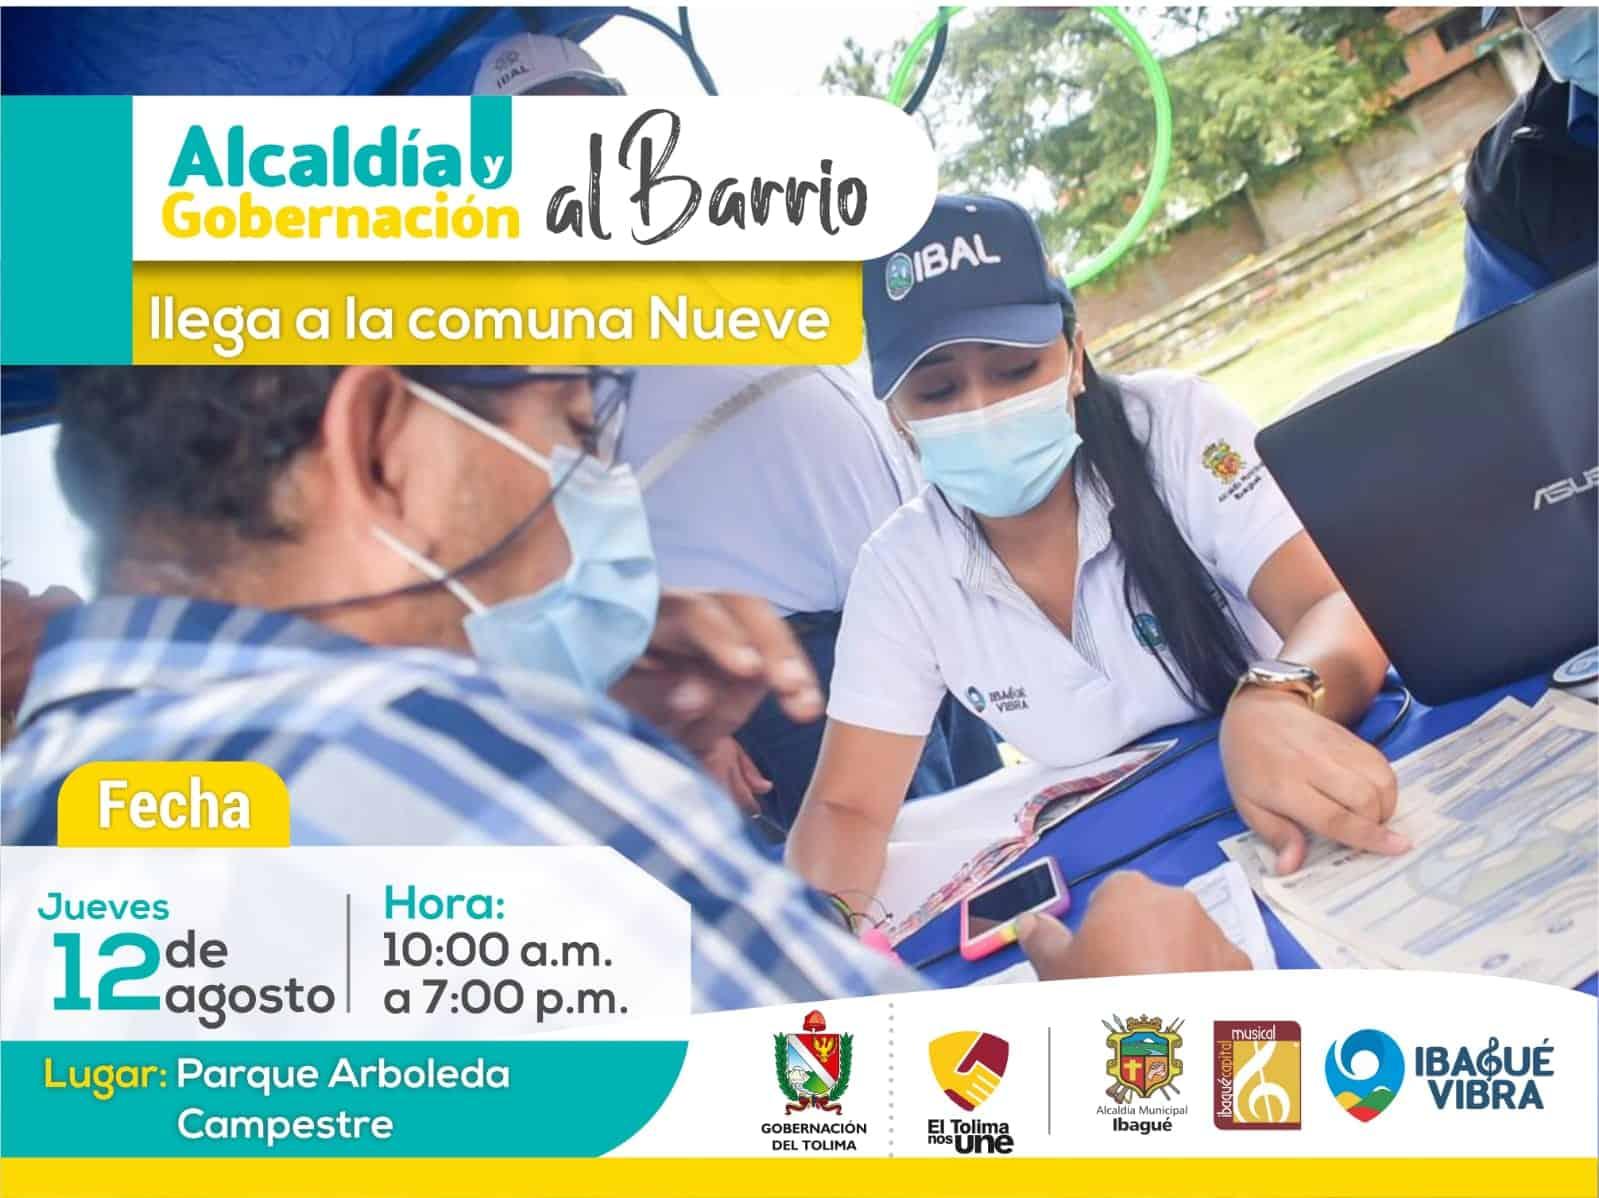 Este jueves 12 de agosto 'Alcaldía y Gobernación al Barrio' estará en la comuna Nueve. 1